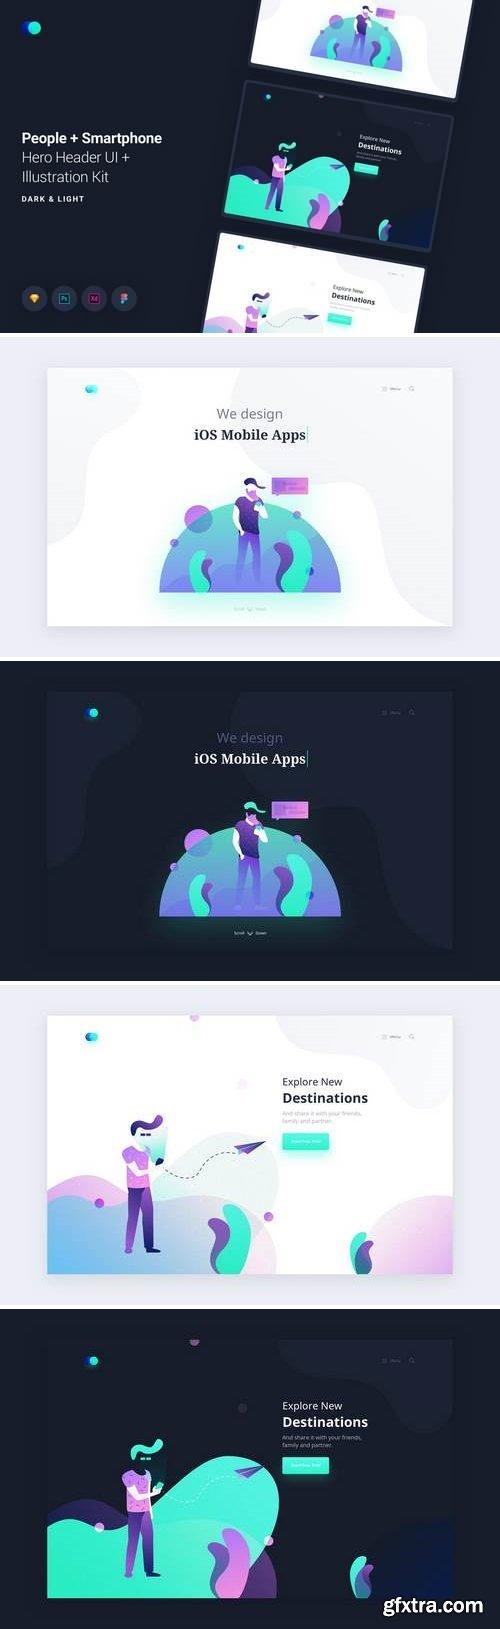 People Smartphone Web Header Illustrations Kit